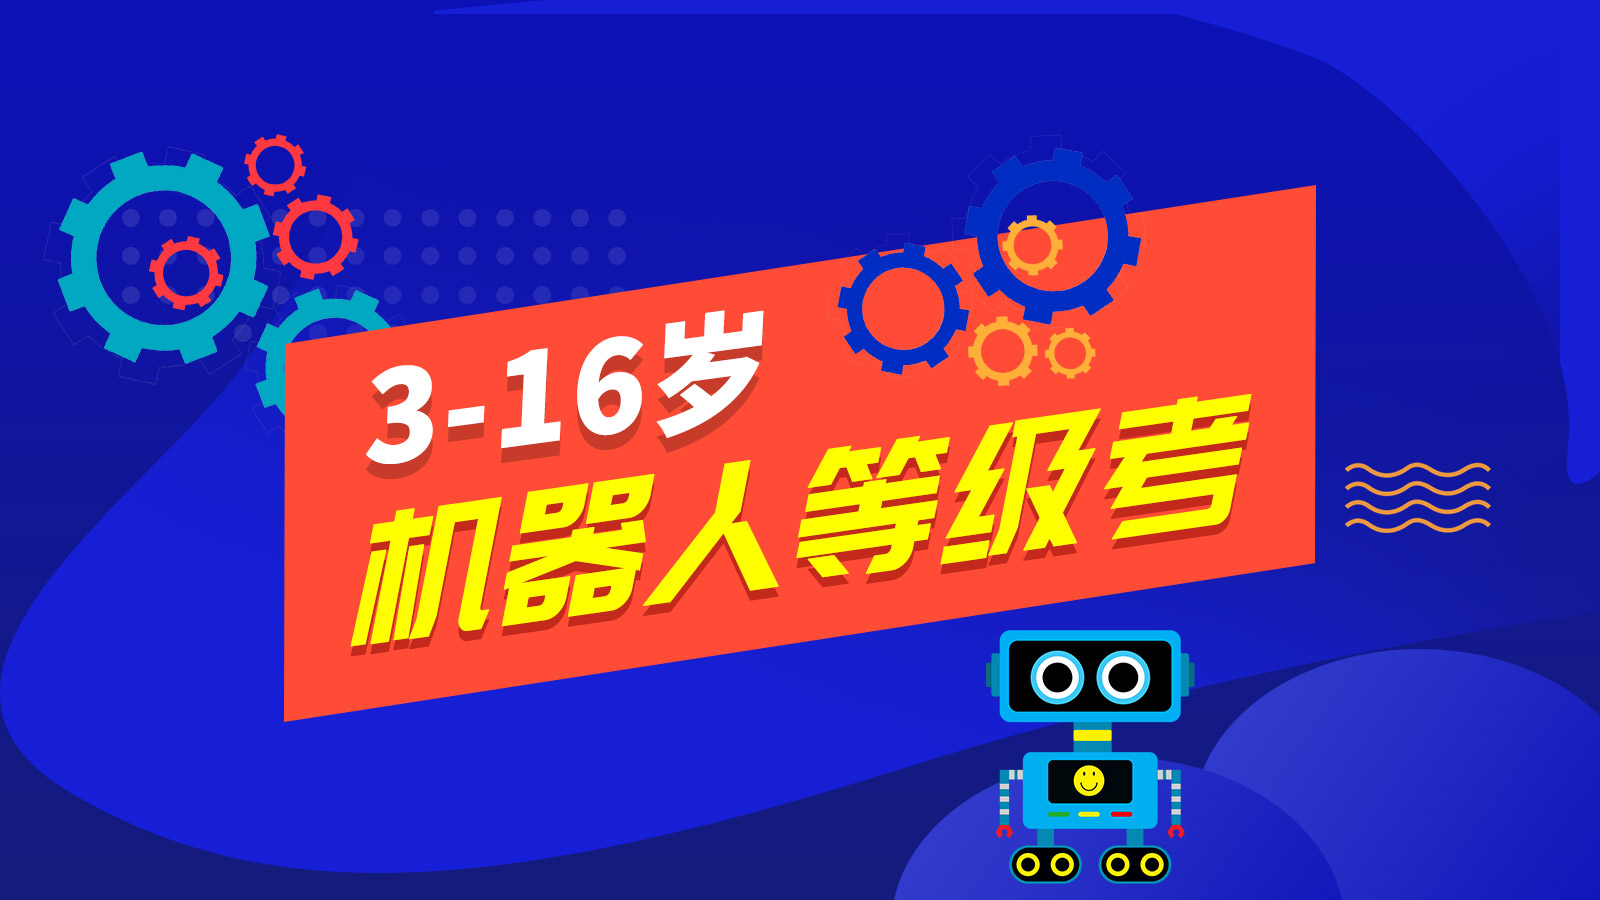 上海森孚機器人教育3-16歲兒童機器人等級考圖片